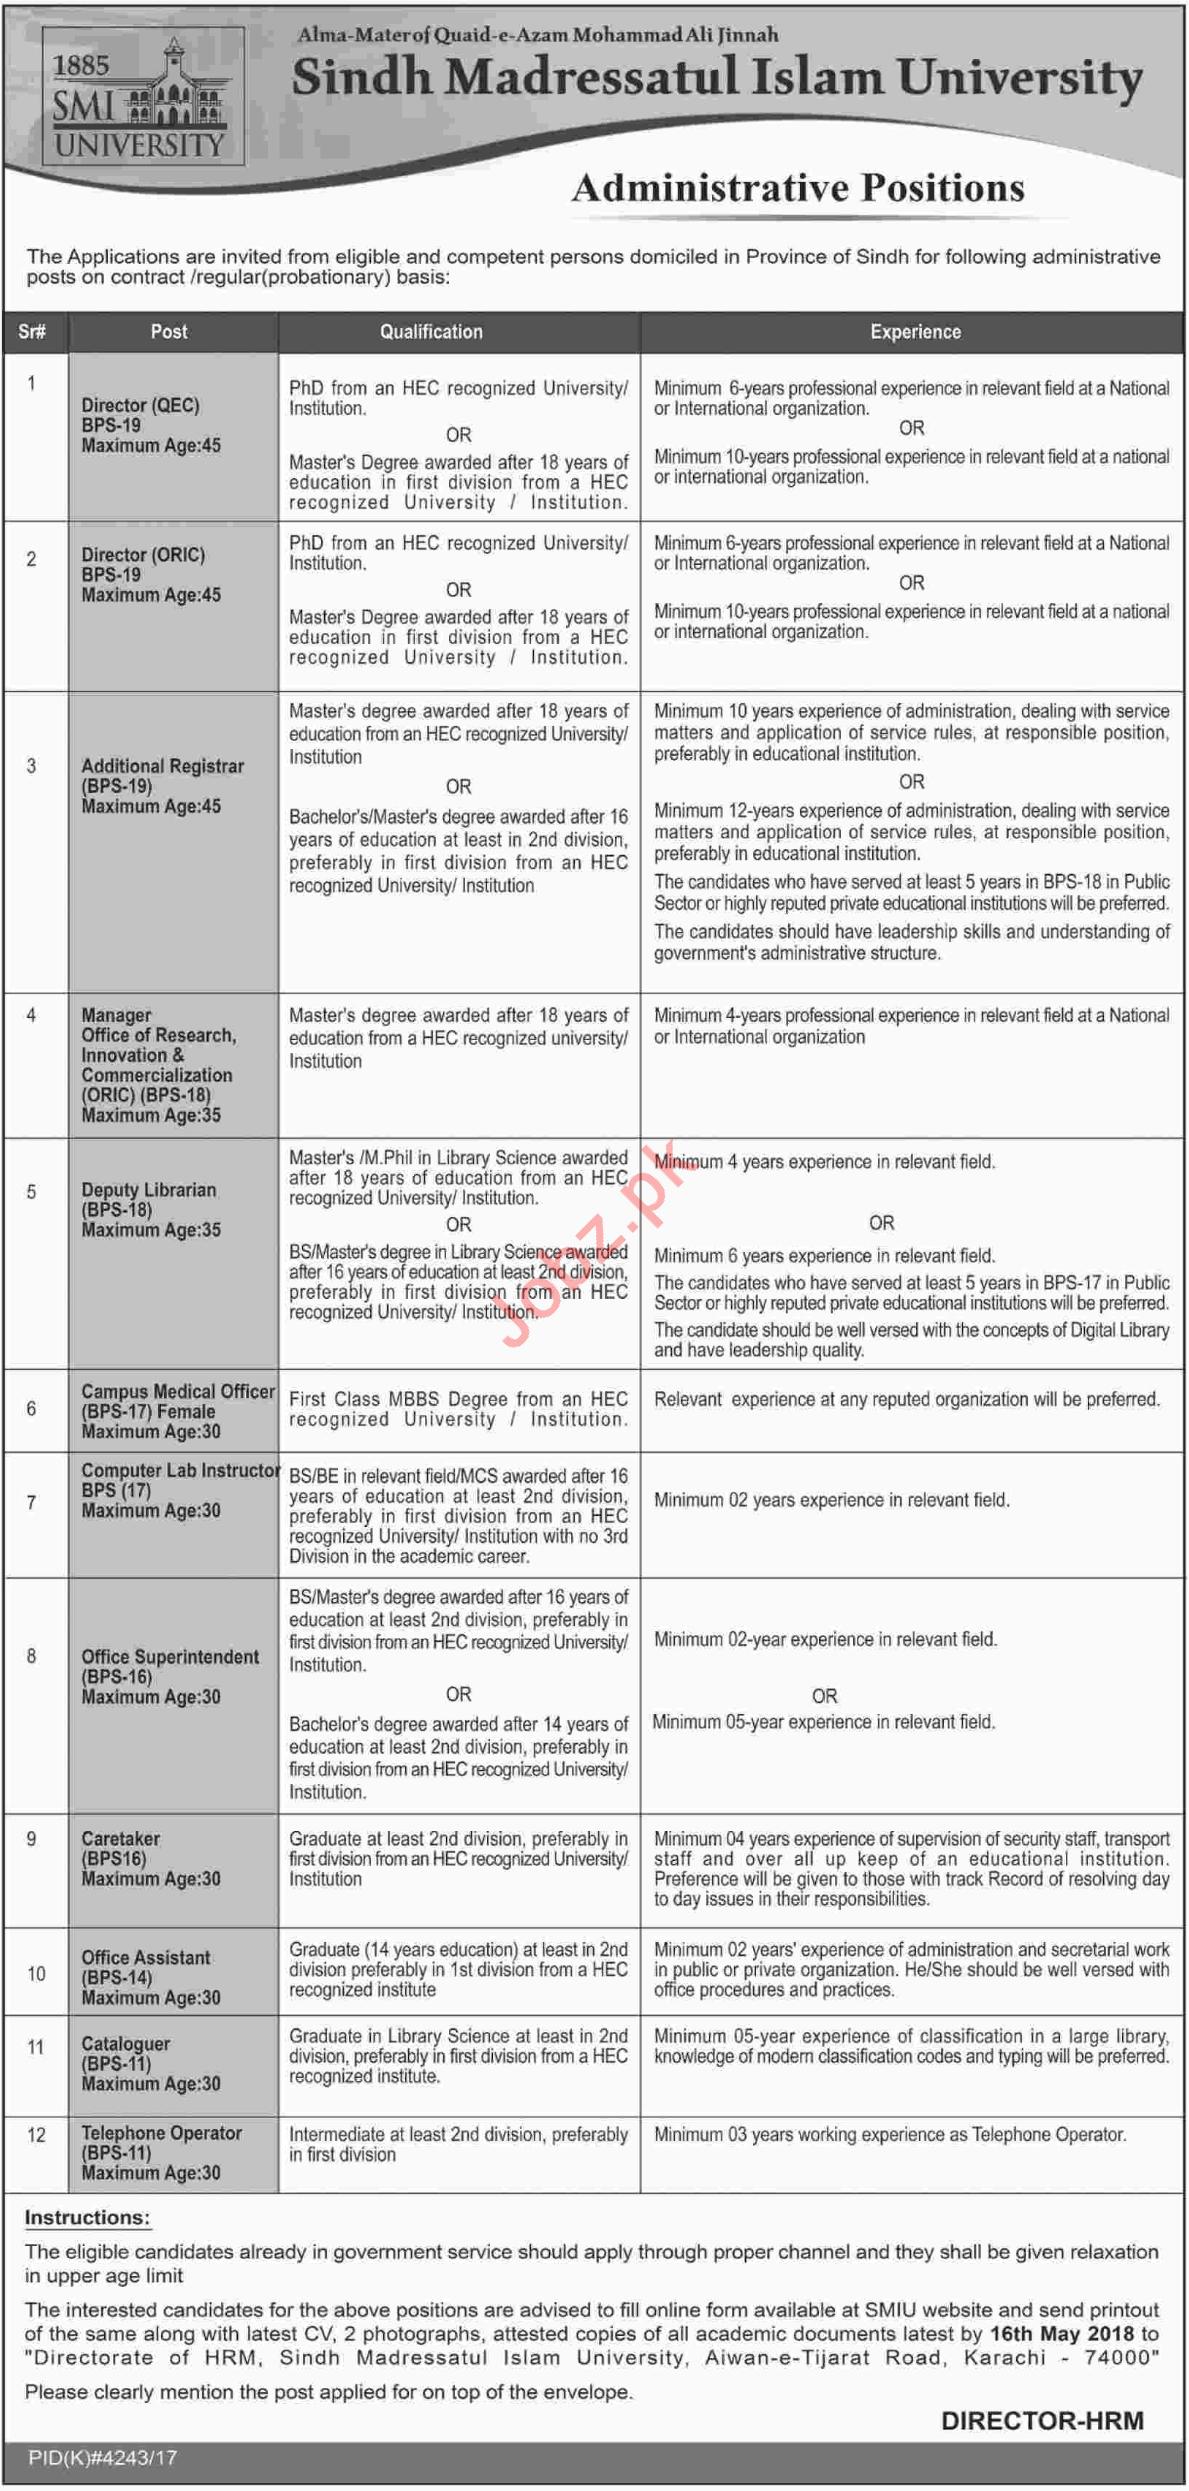 Sindh Madressatul Islam SMI University Jobs